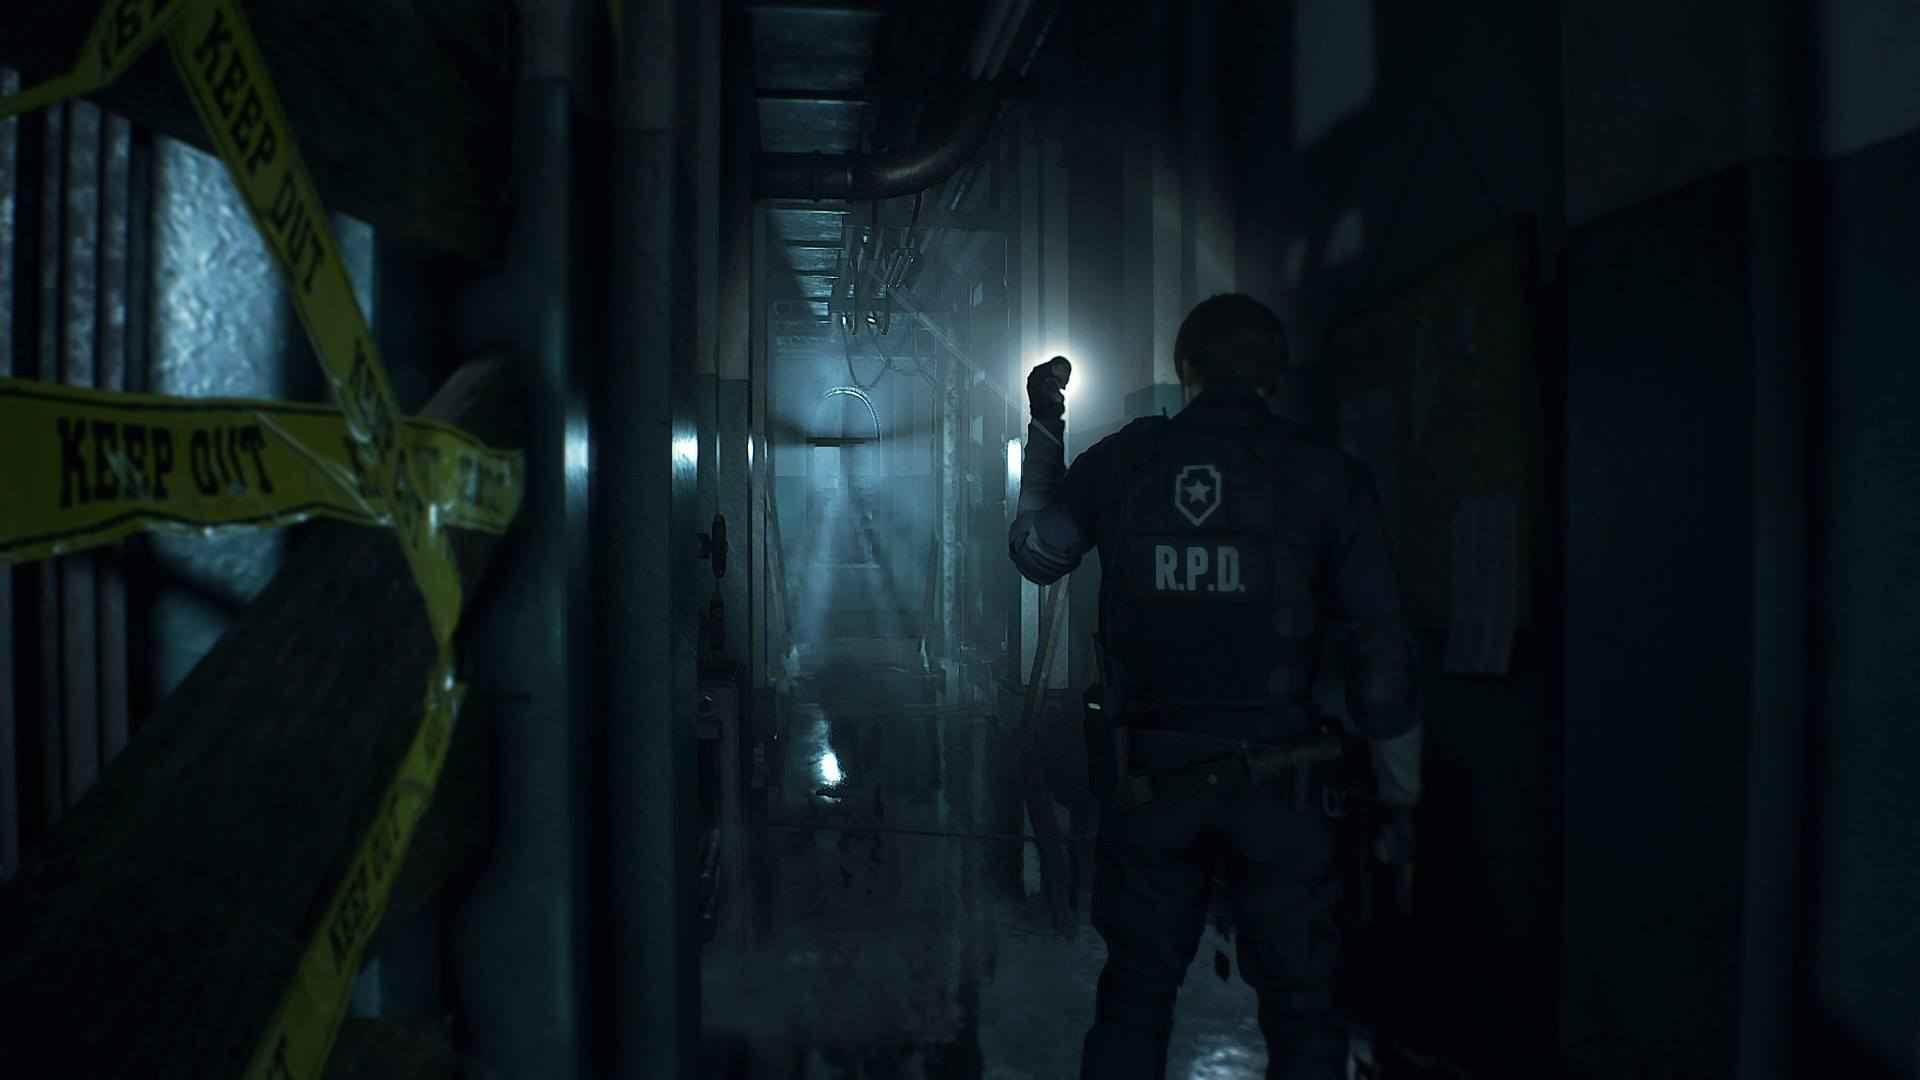 Resident Evil 2 Story Changes Will Make The Remake 'Feel Fresh'